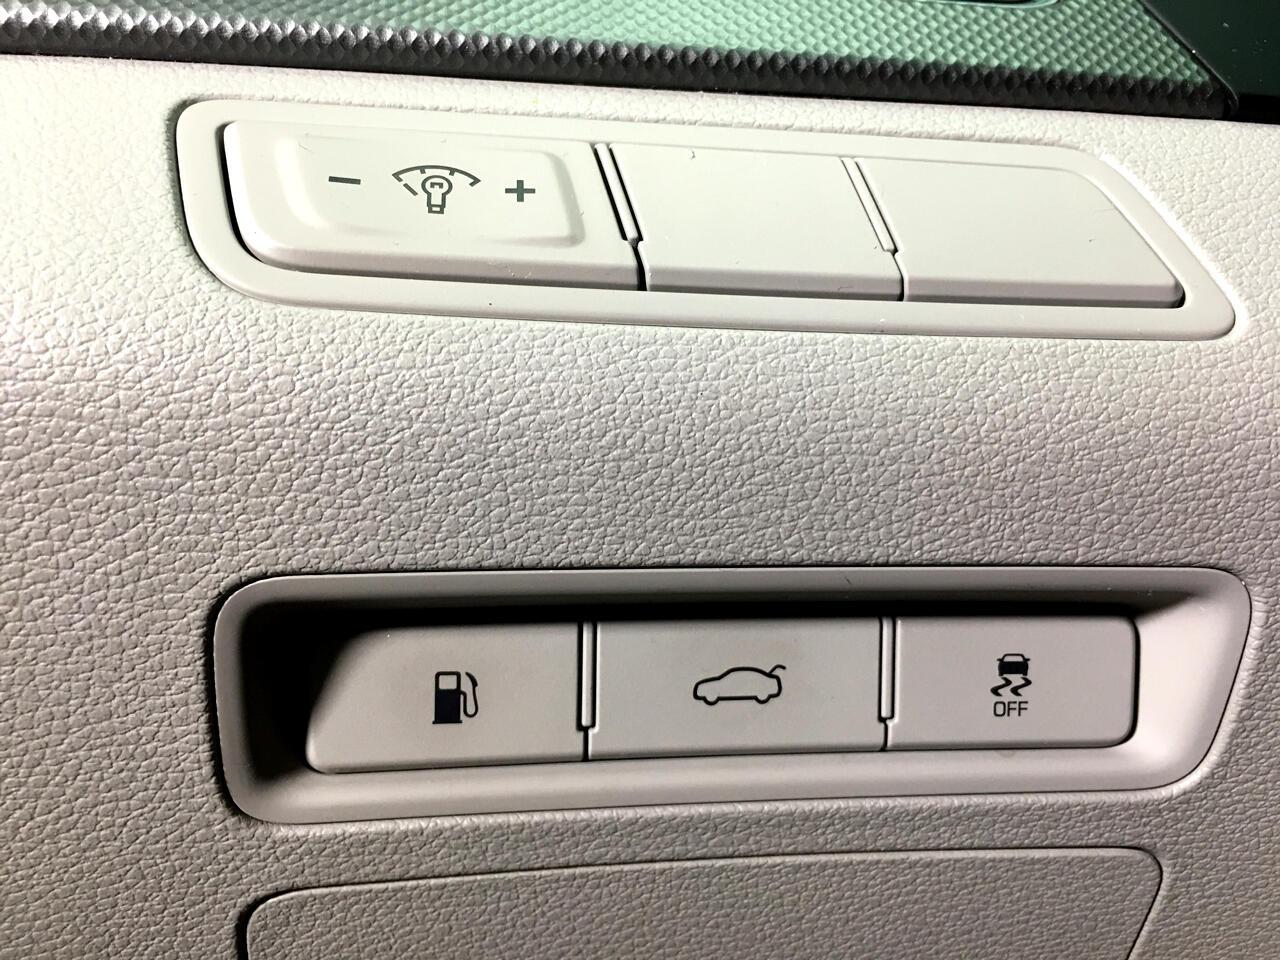 Pre-Owned 2016 Hyundai Sonata 4dr Sdn 2.4L SE PZEV